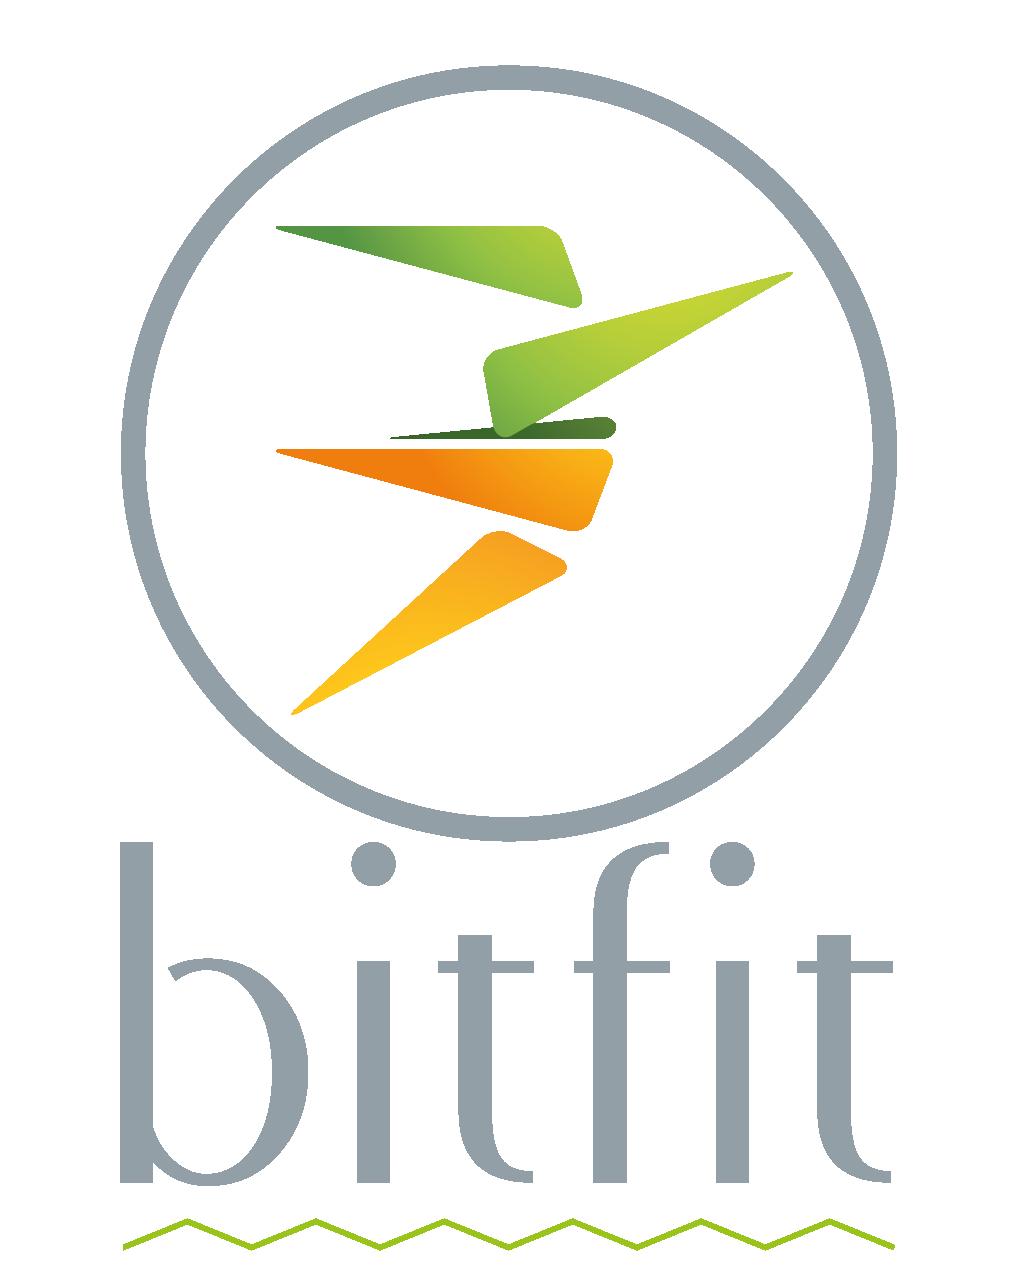 BITFIT